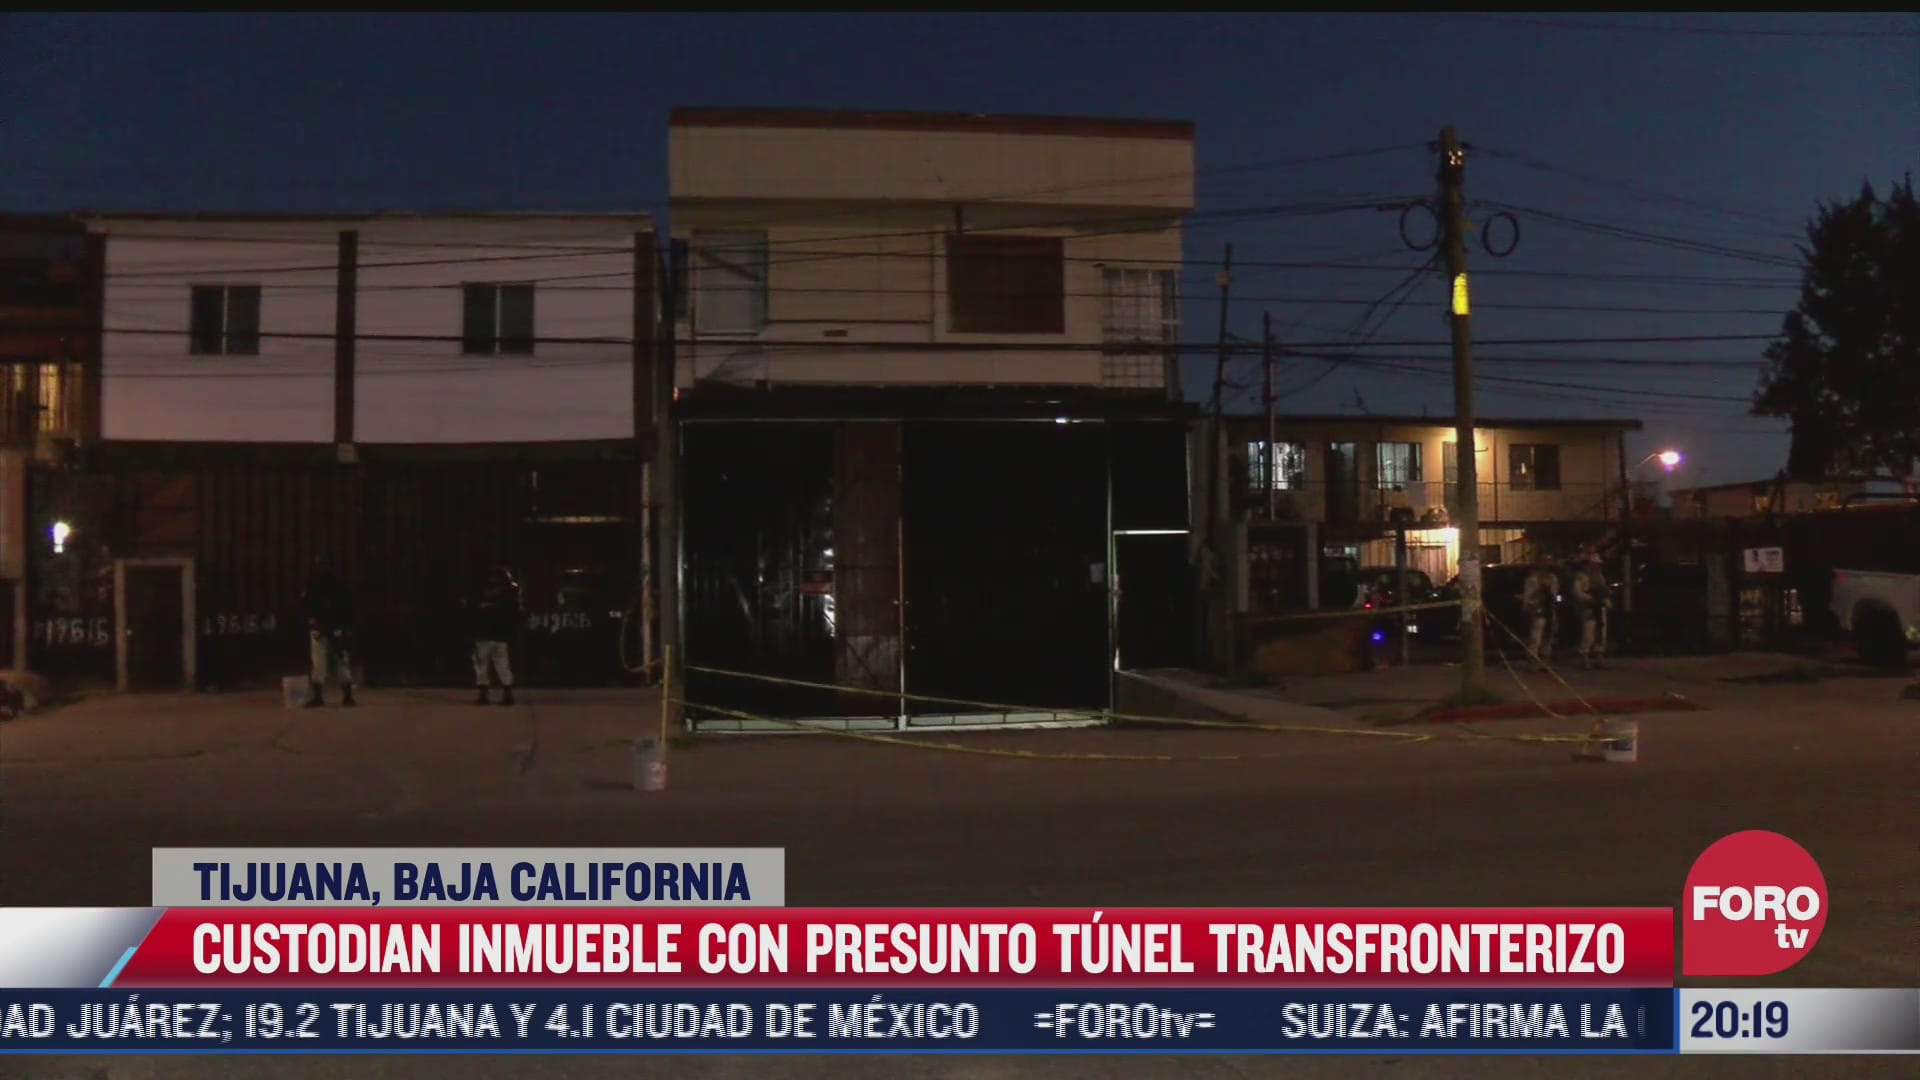 Hallan en Tijuana túnel fronterizo que conecta con EEUU